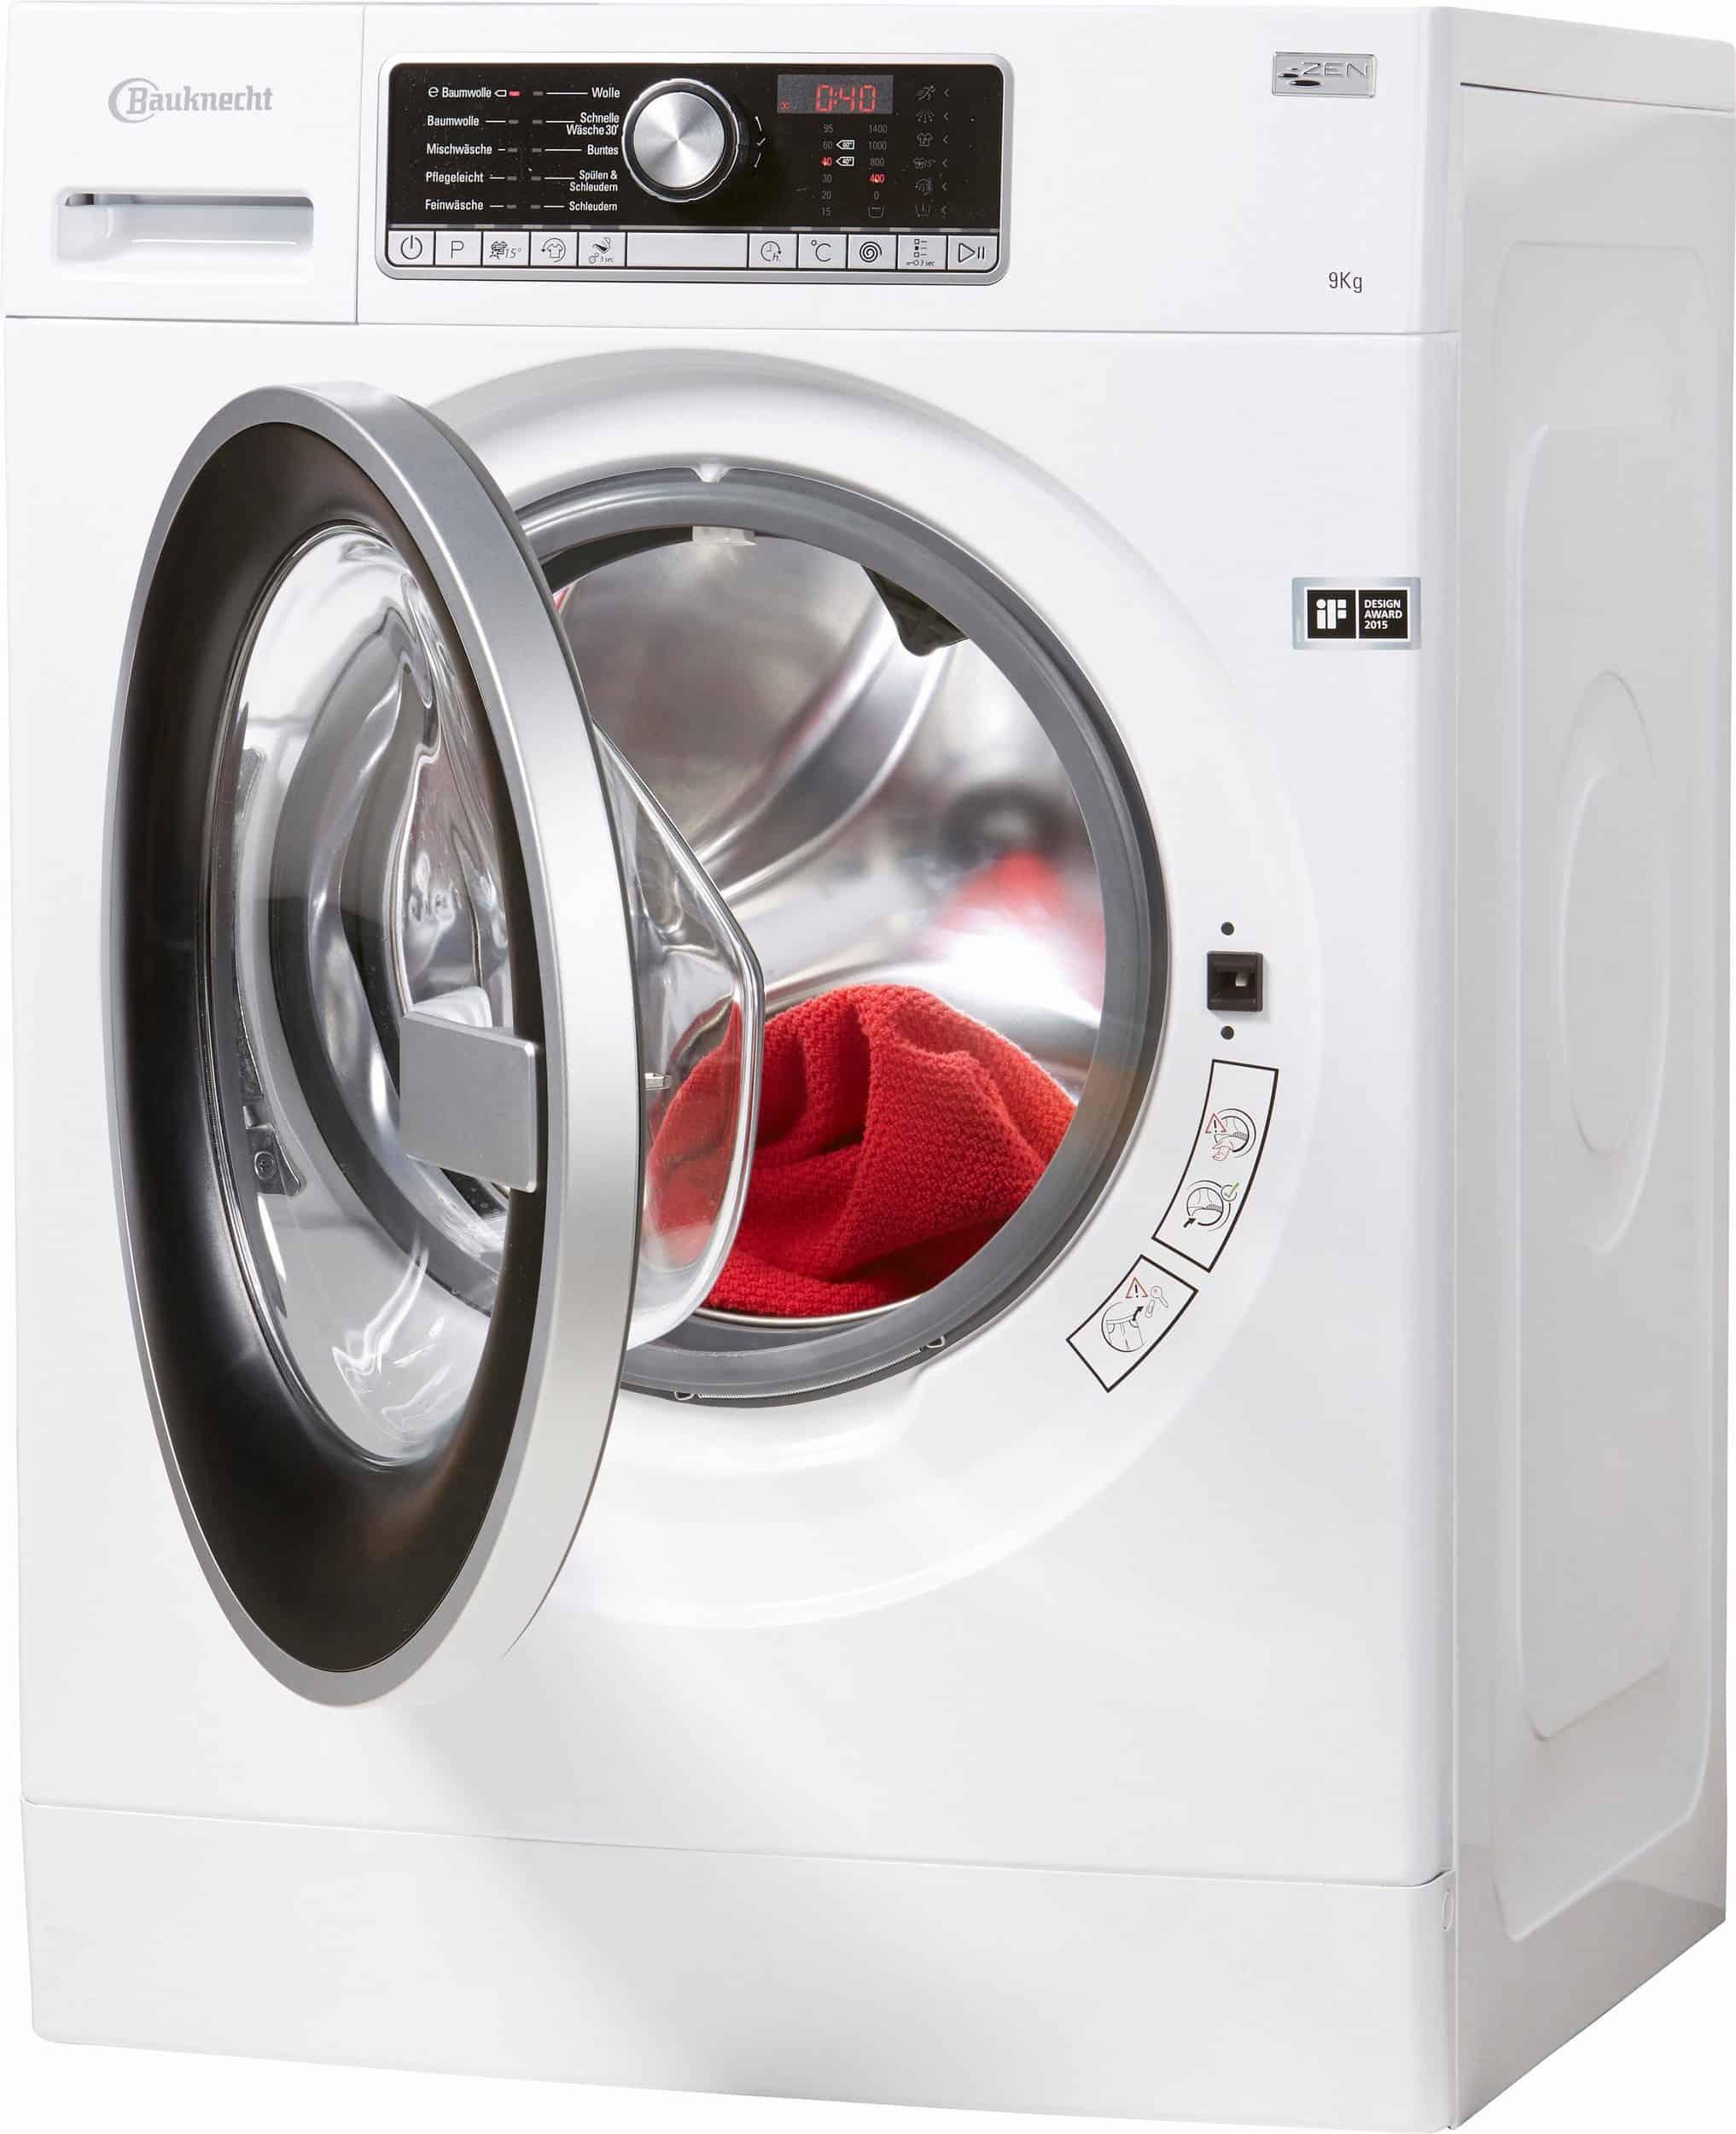 bauknecht wm trend 914 zen waschmaschine im test 2017. Black Bedroom Furniture Sets. Home Design Ideas